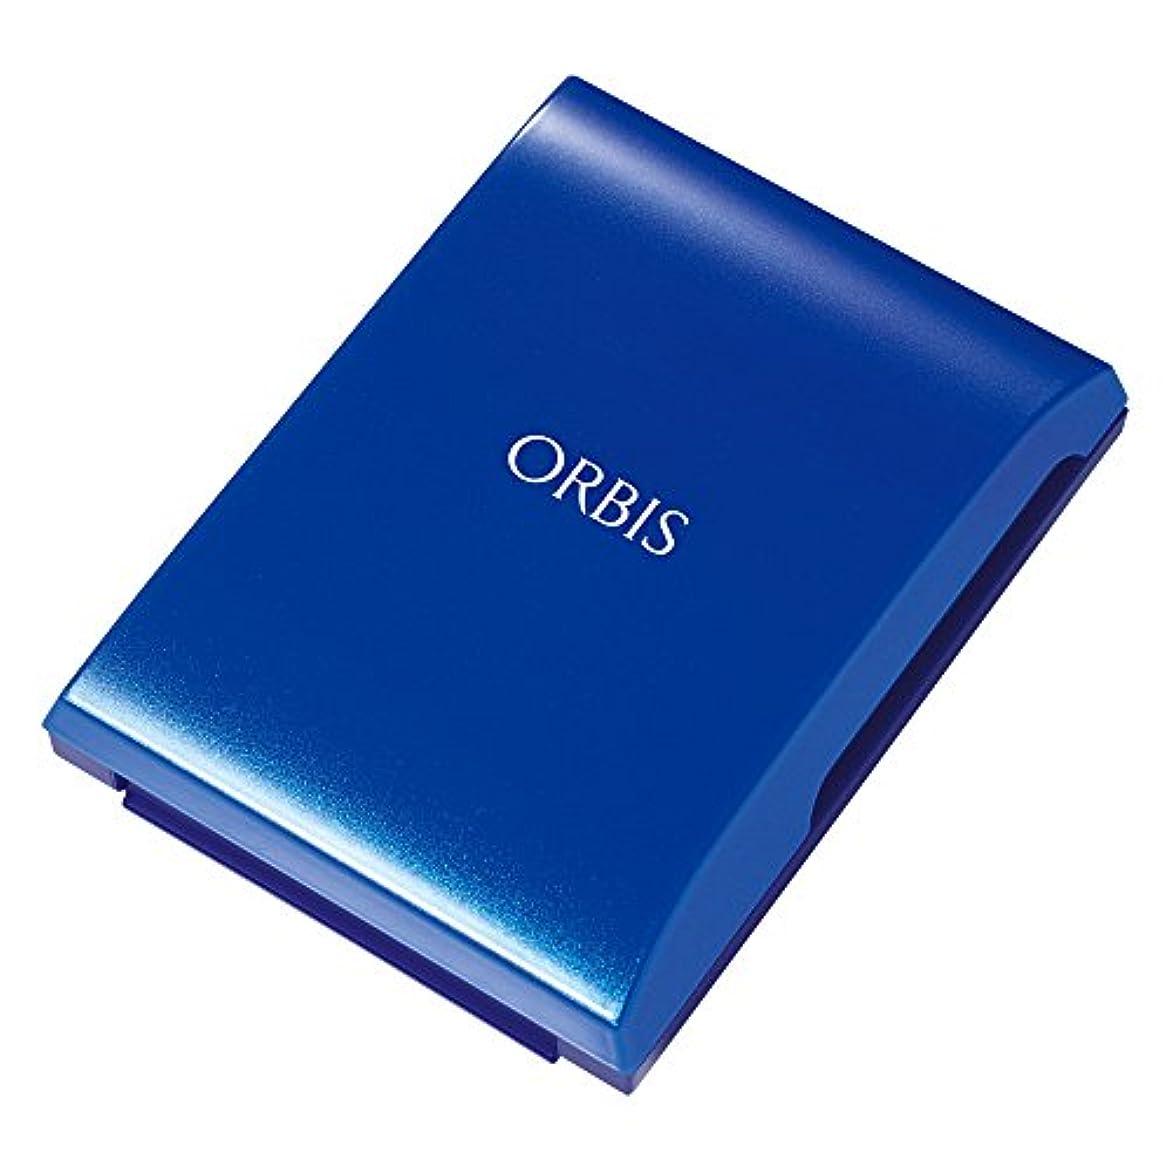 オルビス(ORBIS) クリアパウダーファンデーション 専用ケース